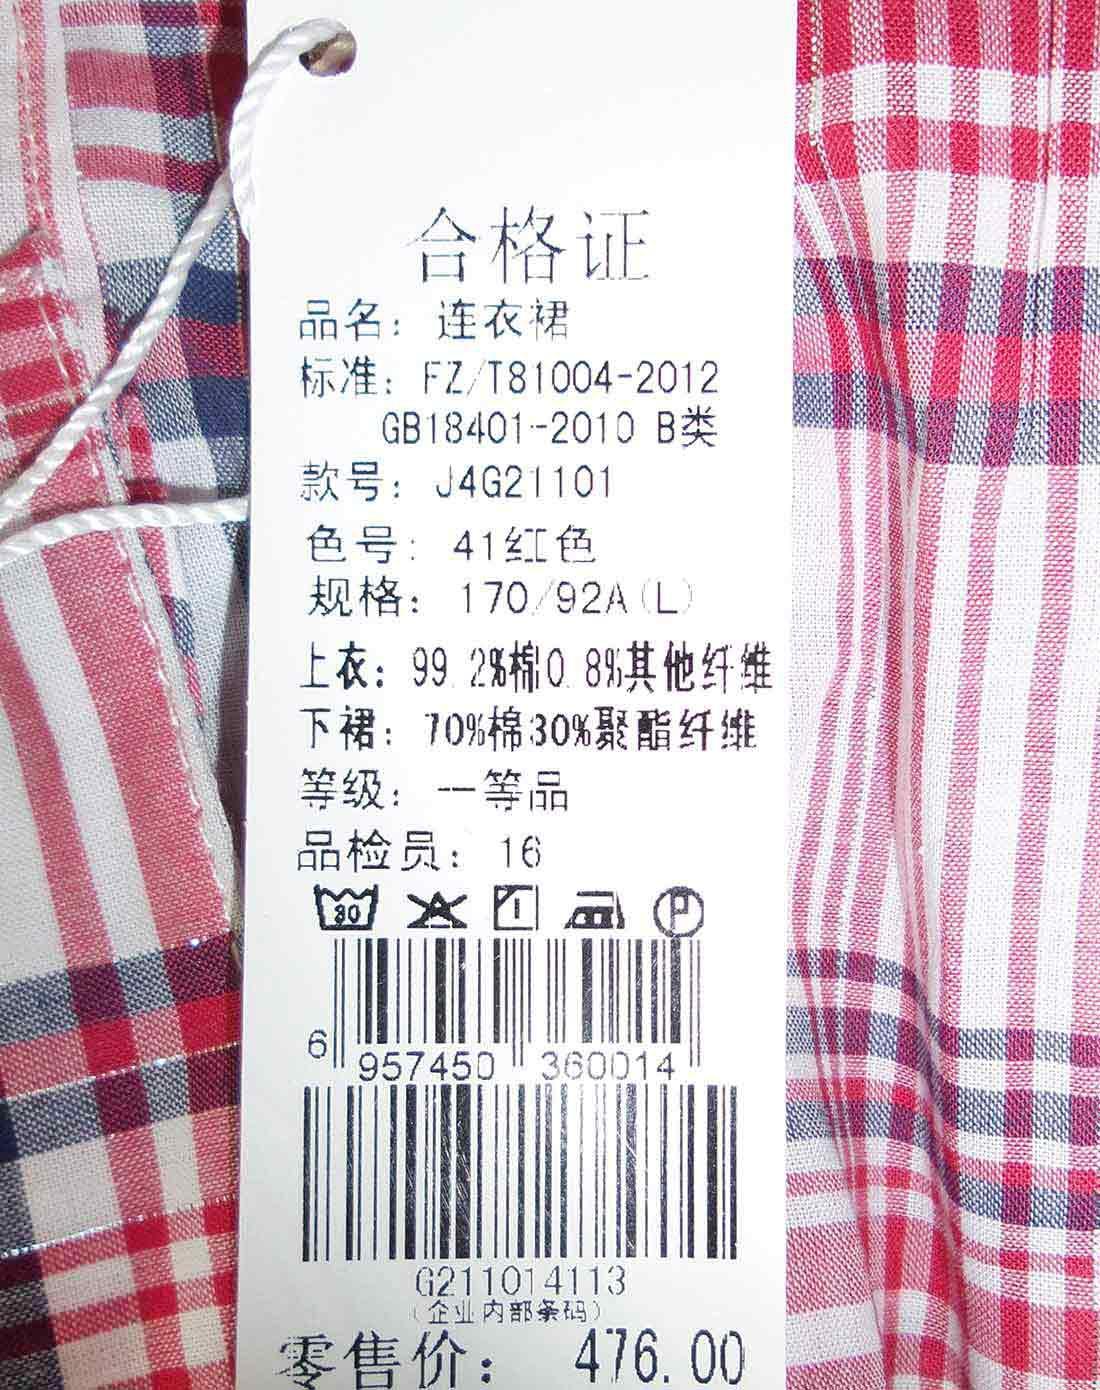 简朵jando红色英伦格子花边连衣裙j4g2110141